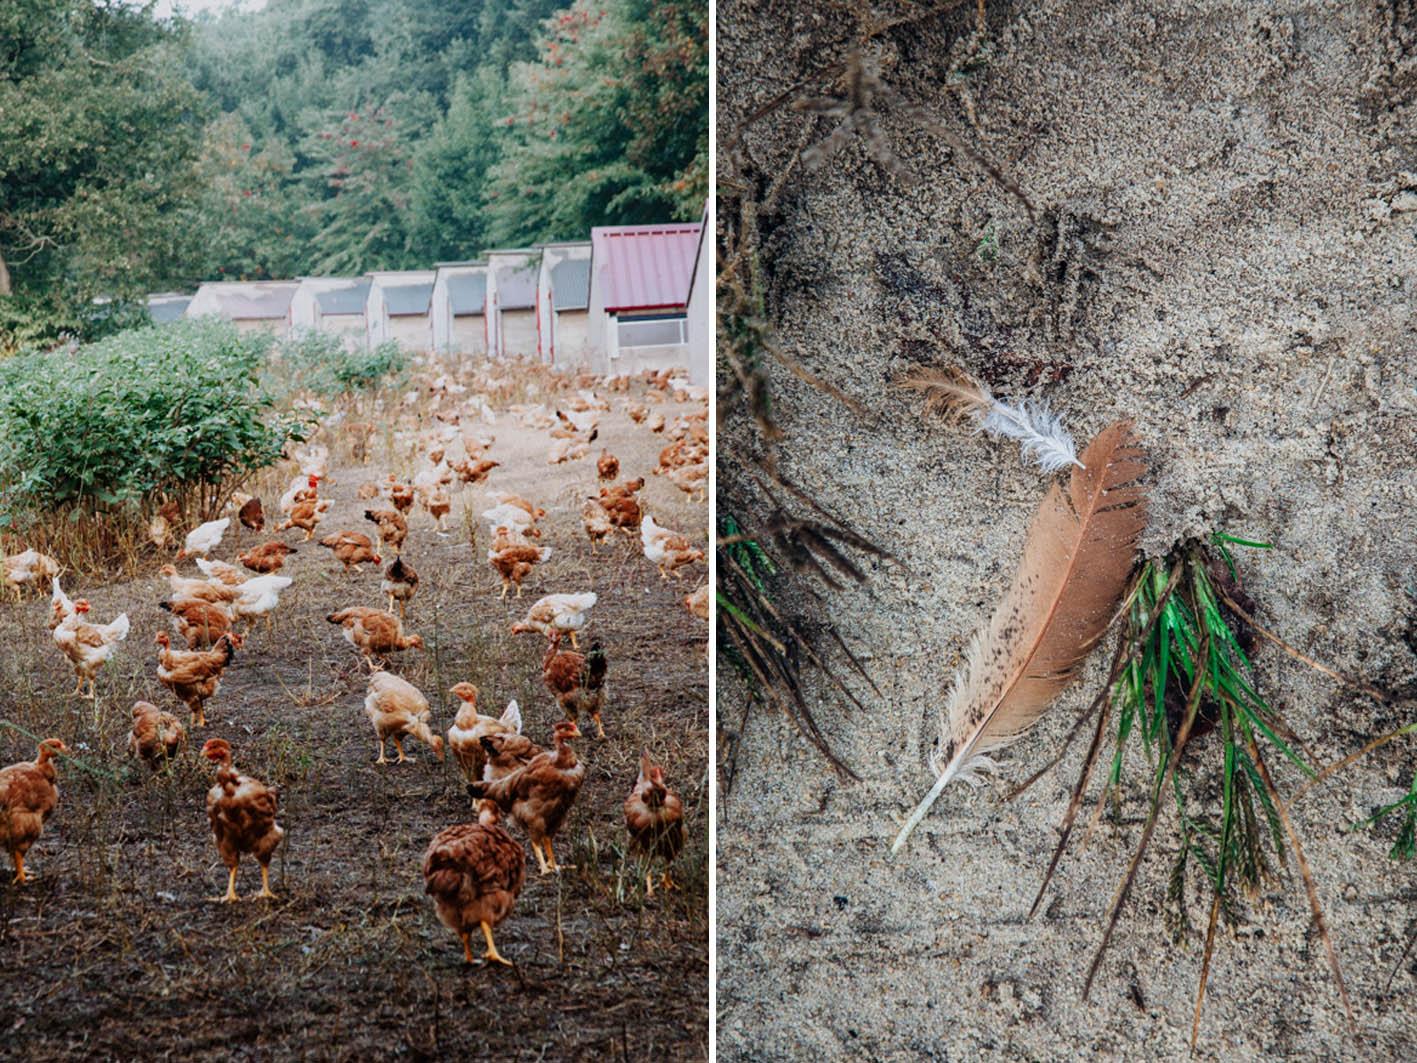 Hühnerhof in Frankreich